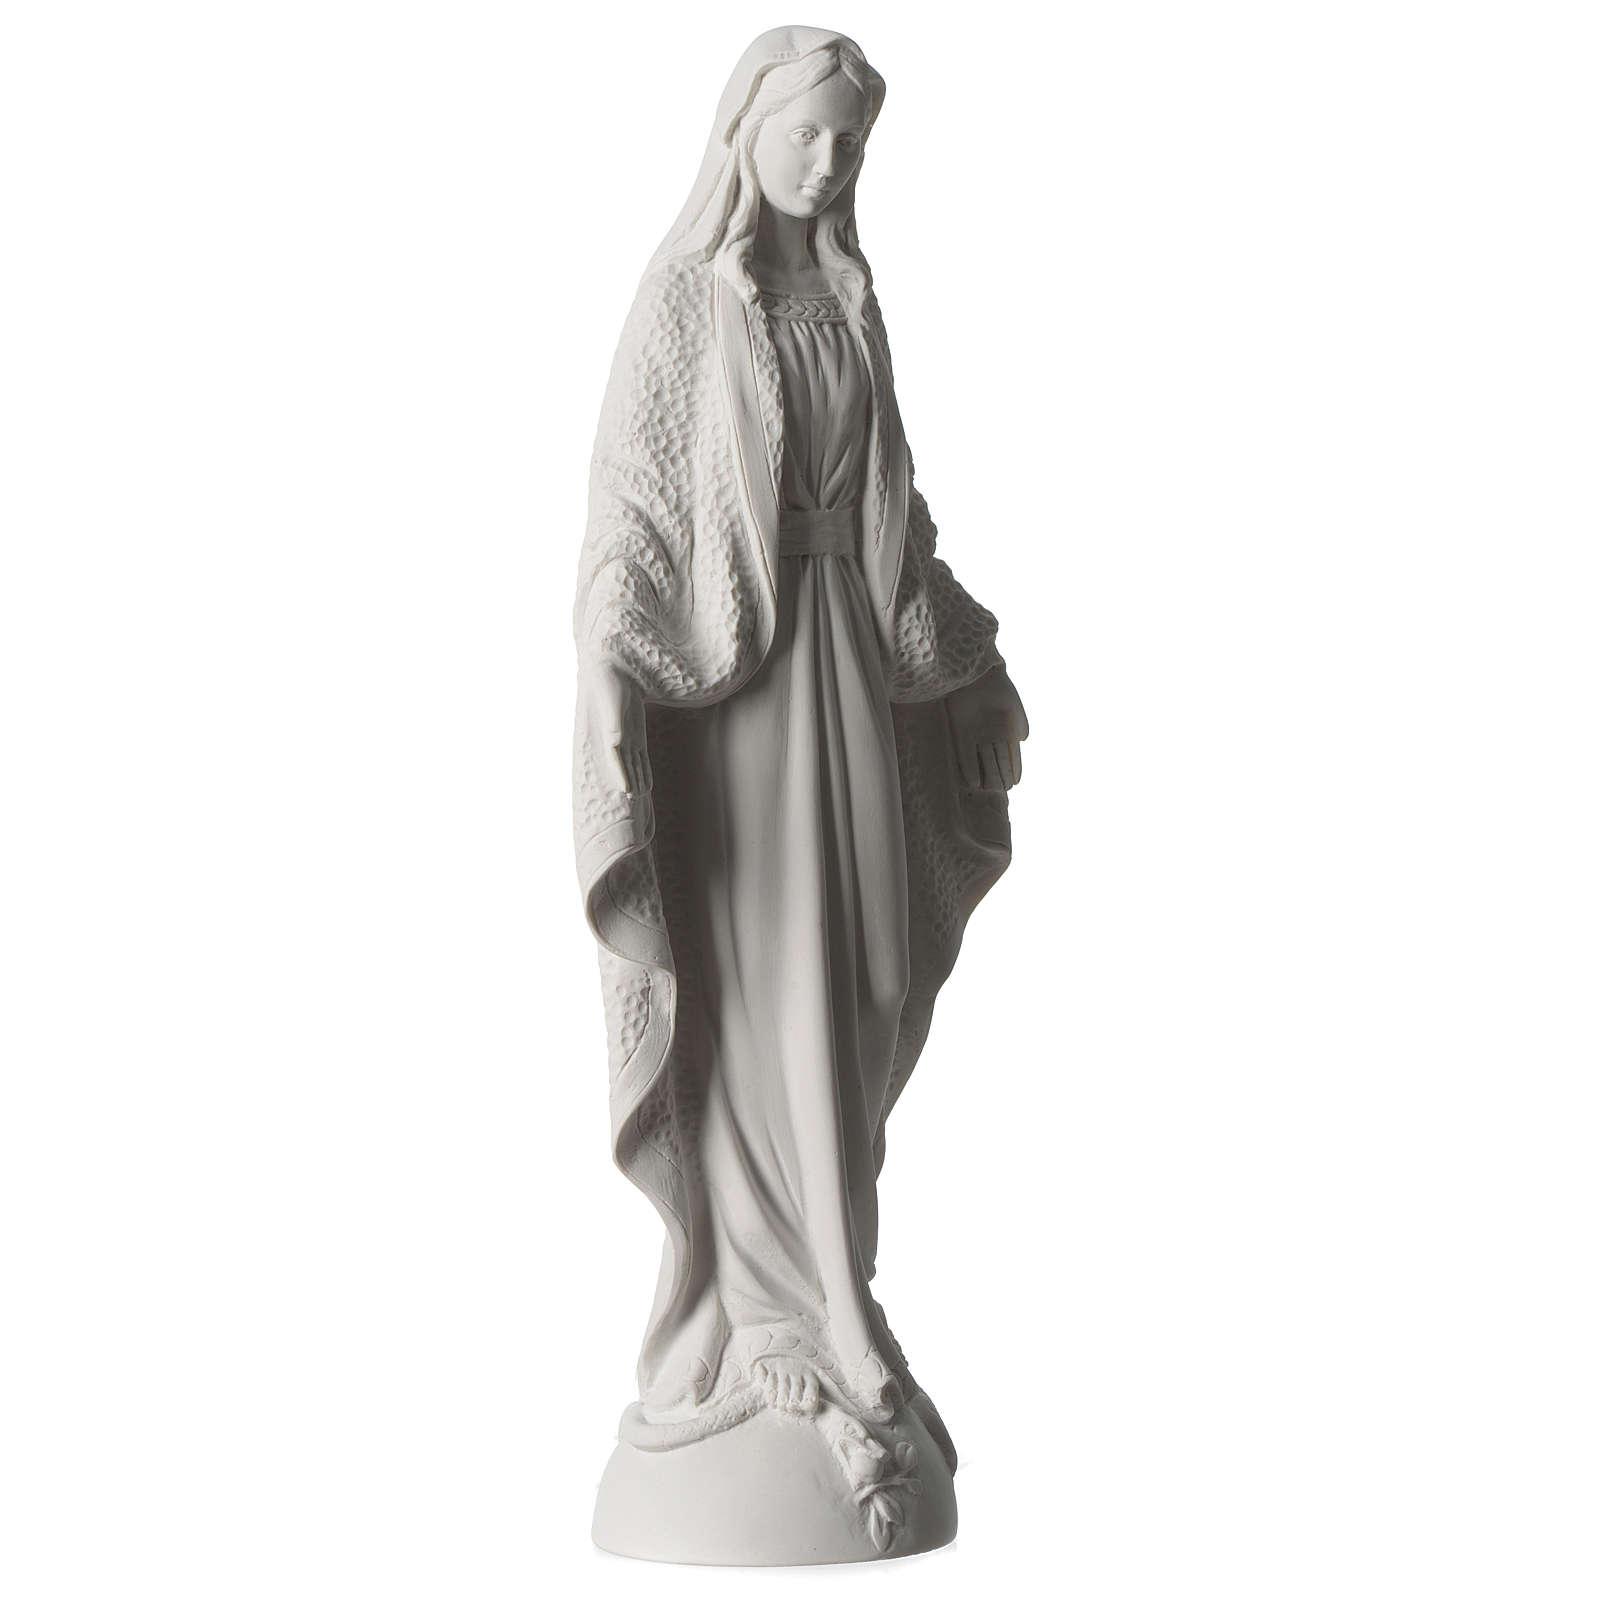 Statua Madonna Miracolosa polvere di marmo bianco 45 cm 4